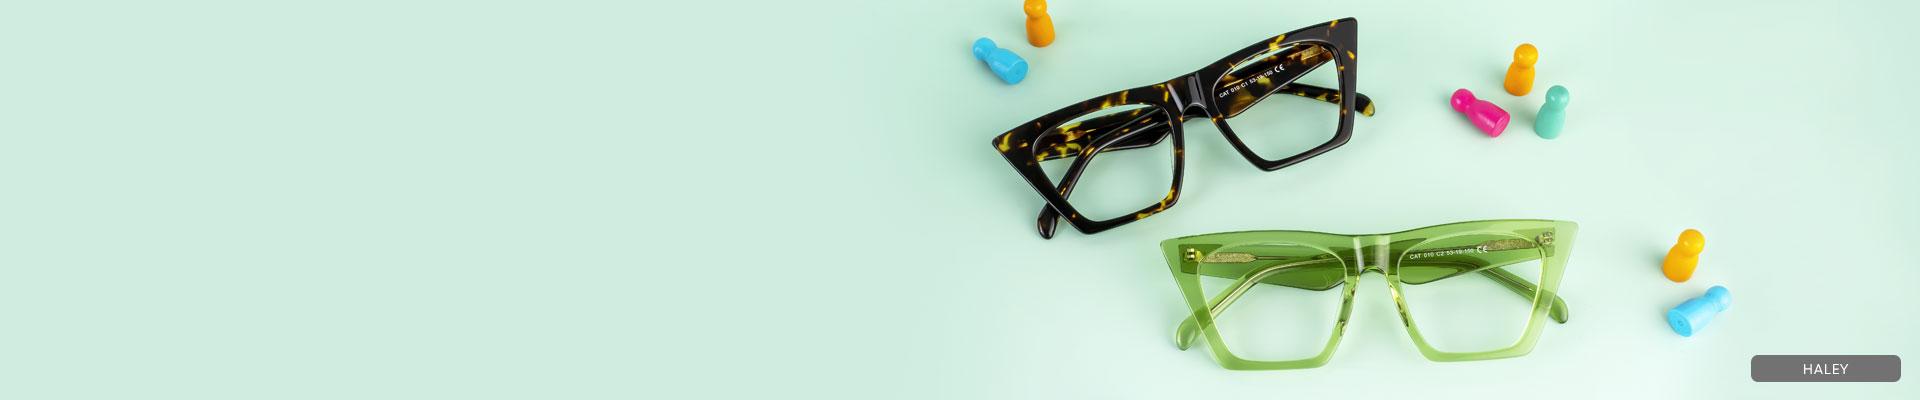 big frame glasses